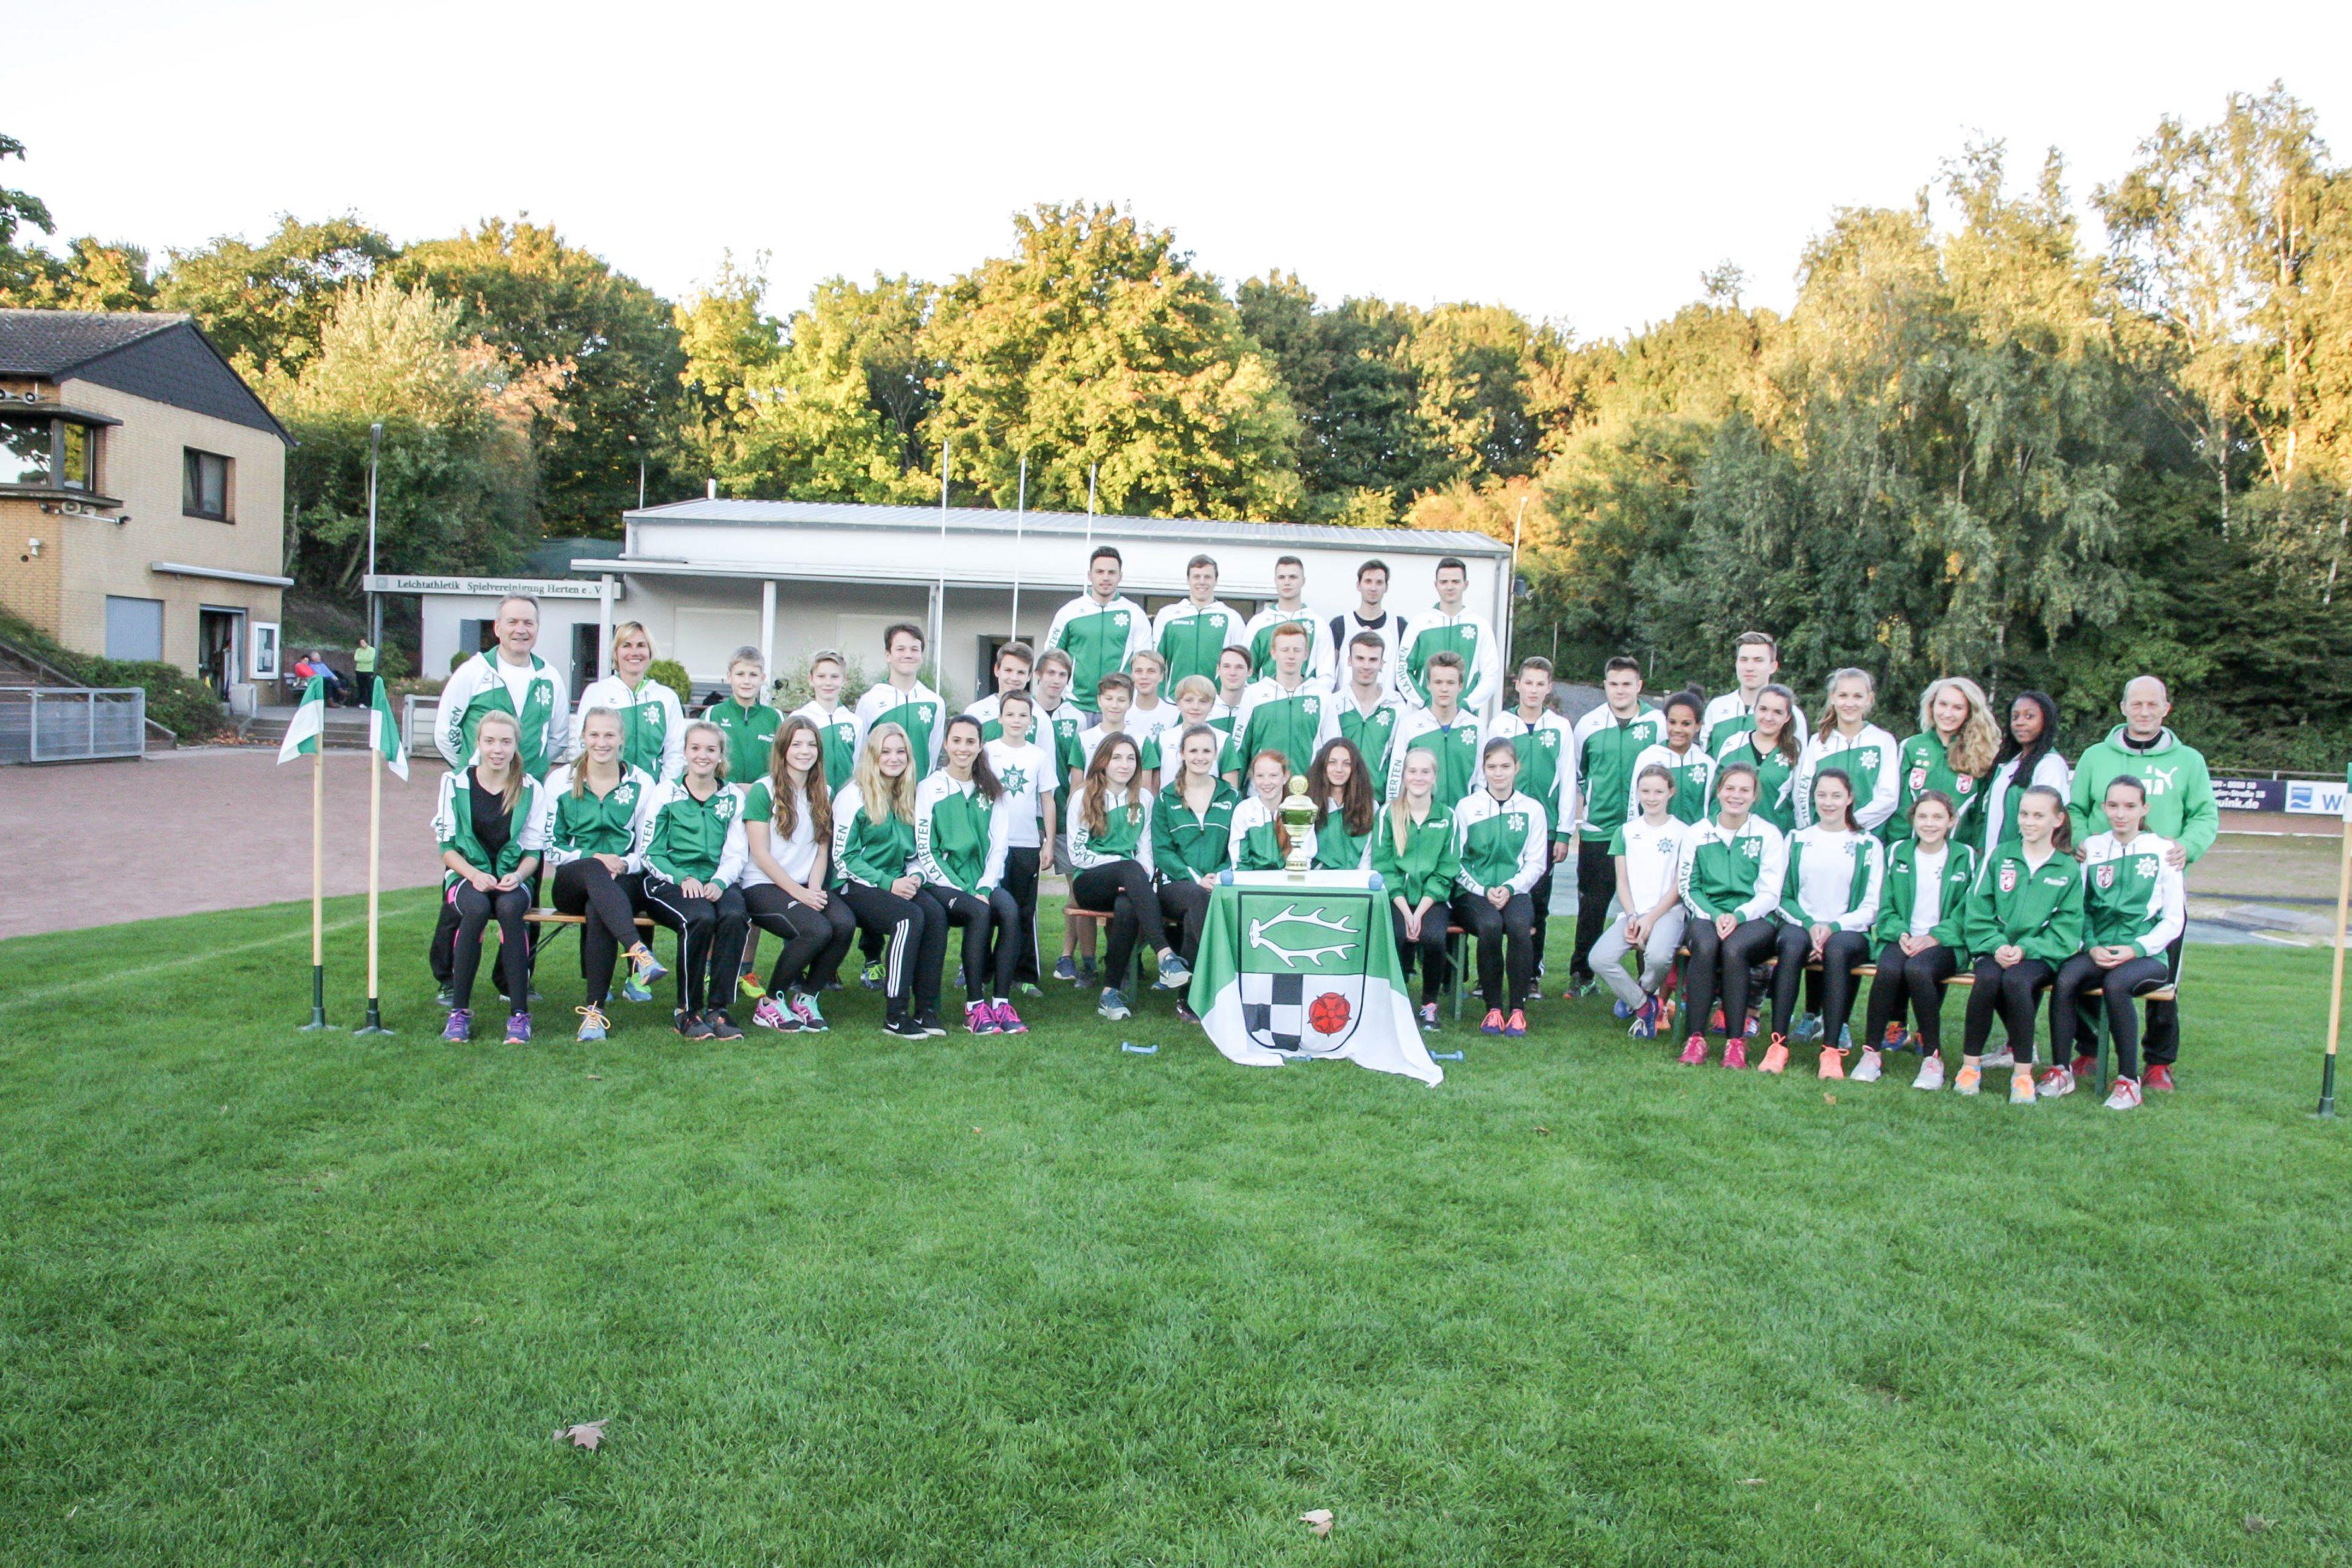 Leichtathletik Herten LA Spvgg. gewinnt Jugendliga erstmalig wieder nach 2009 05102015 Foto: Michael Steyski